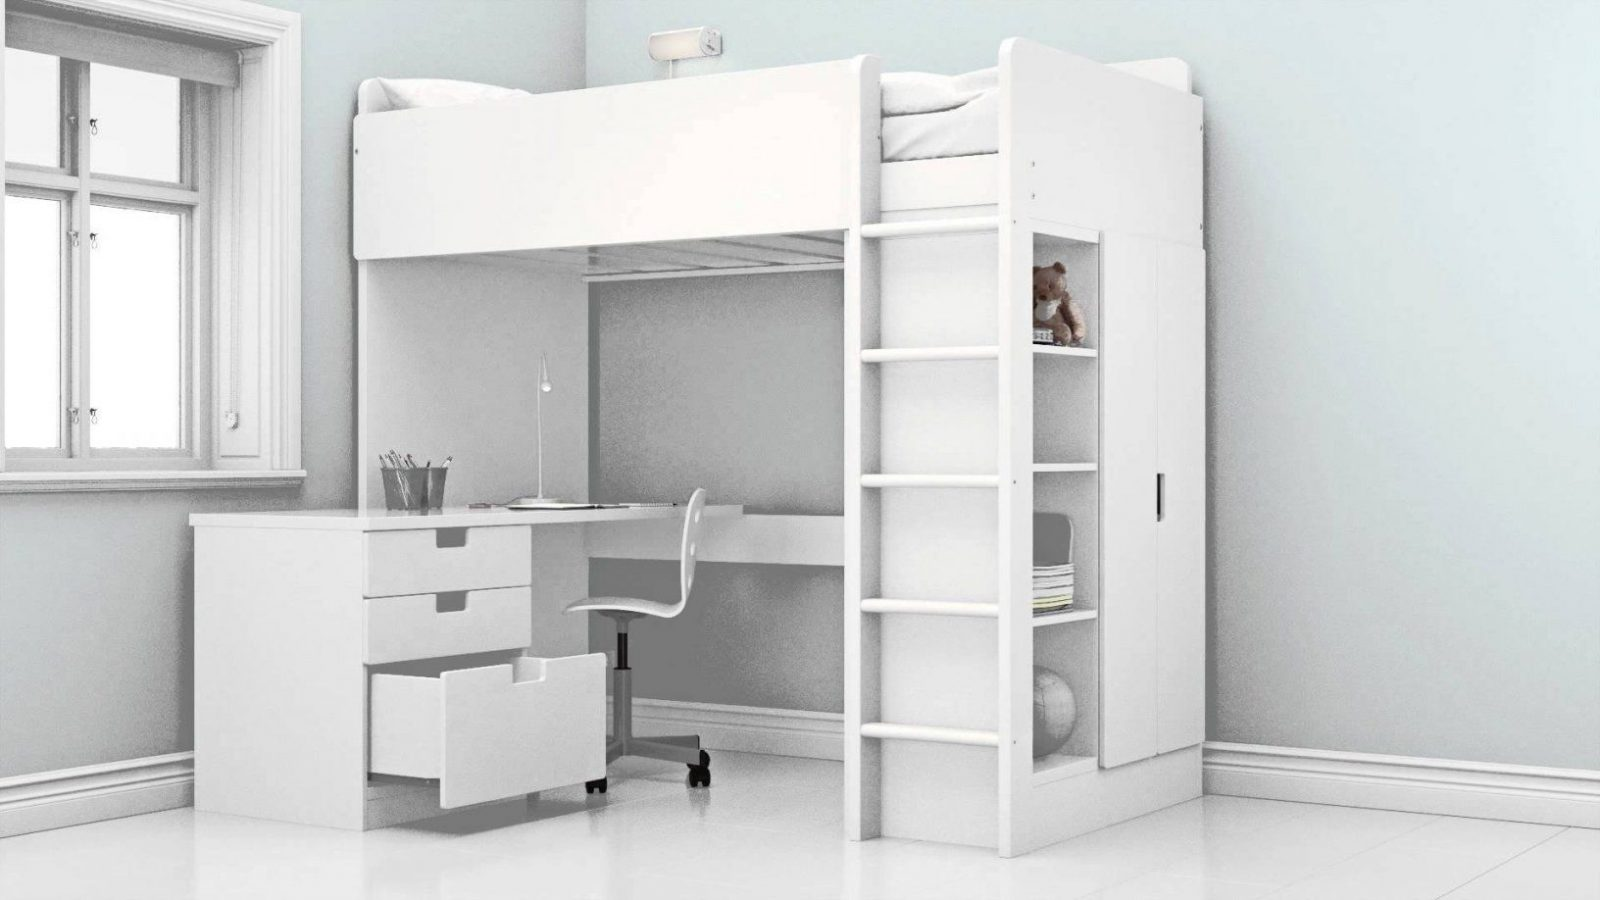 Full Size of Schrankbett Ikea Selber Bauen Hack Vertikal 140 X 200 Schweiz Kaufen Preis 180x200 90x200 Bei Klappbett Von Bett Einzigartig Küche Modulküche Kosten Betten Wohnzimmer Schrankbett Ikea